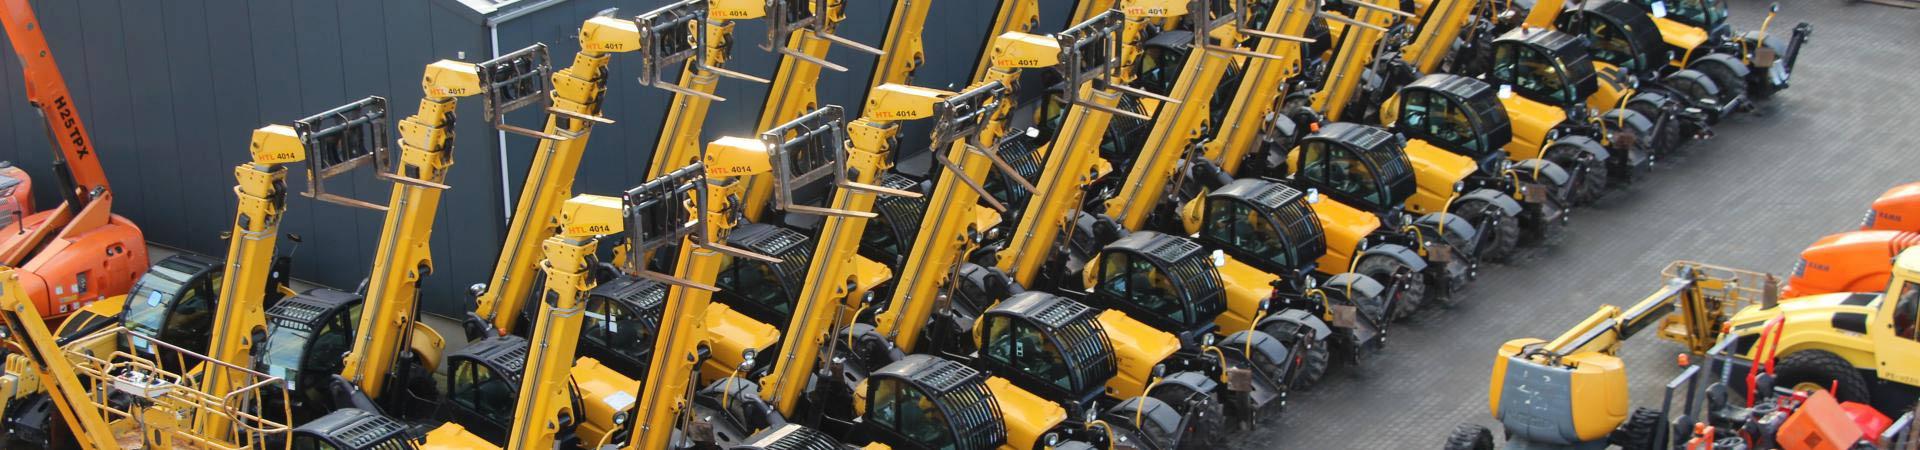 Pfeifer Heavy Machinery